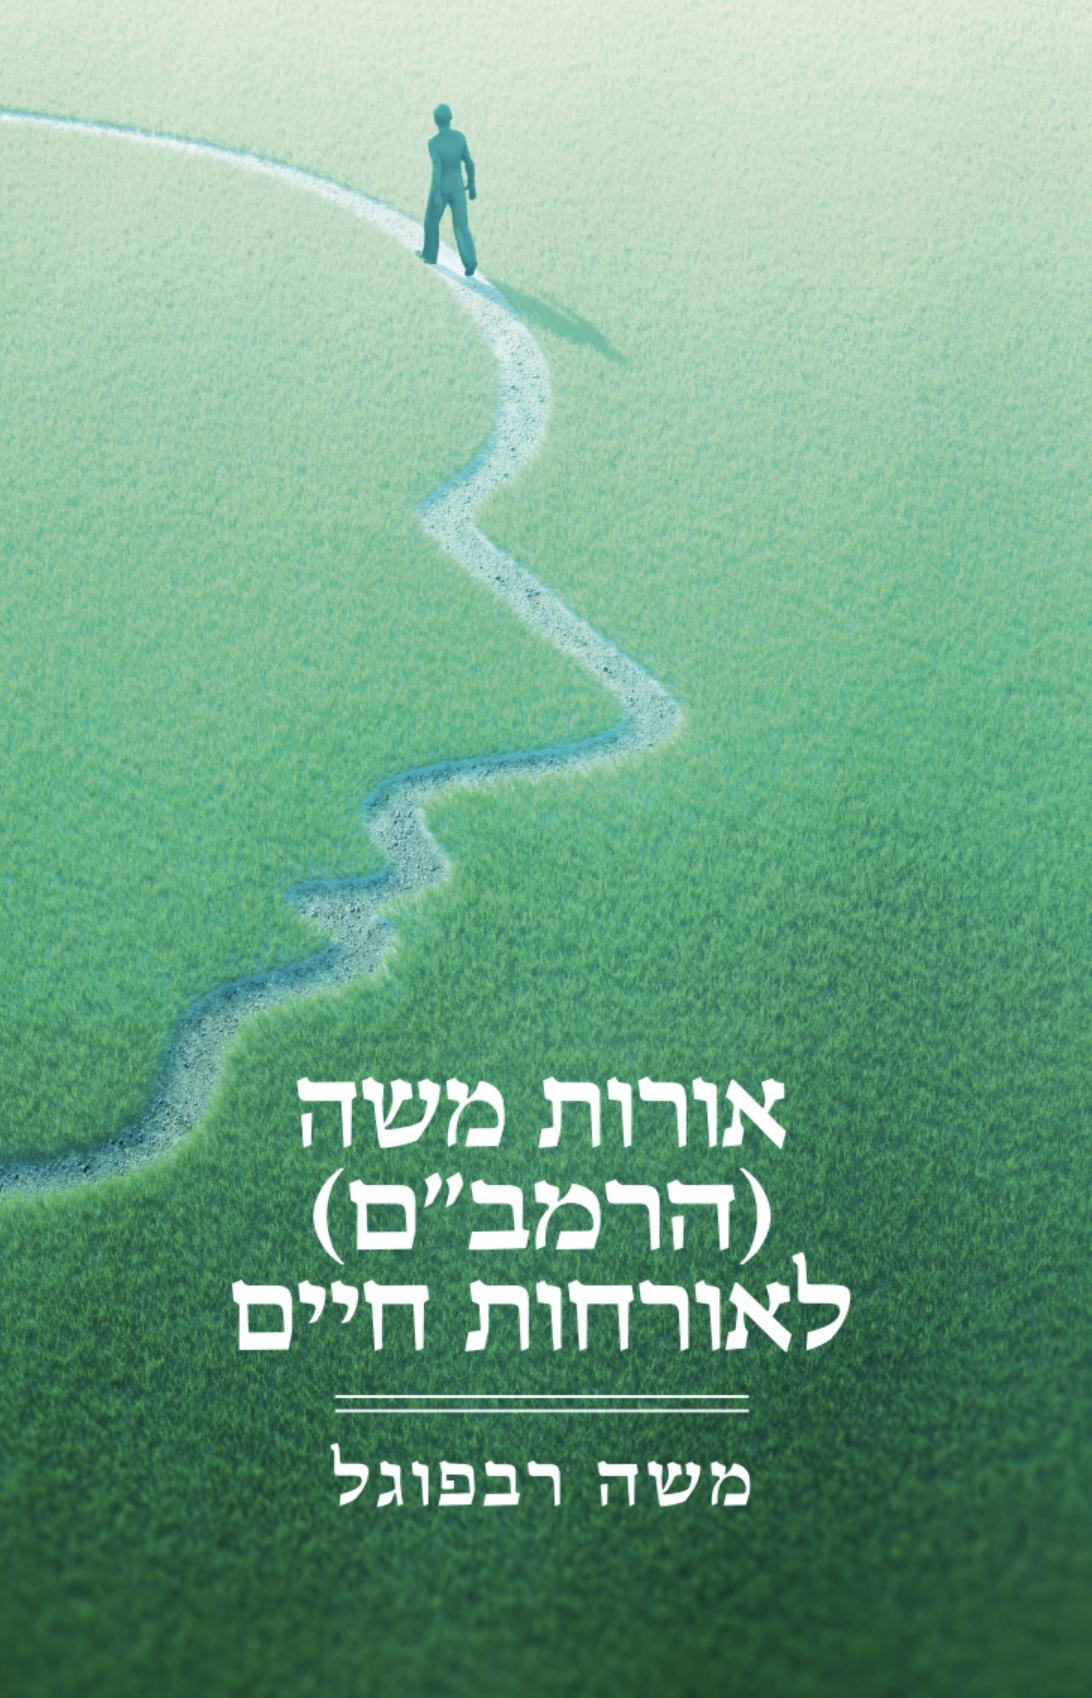 """אורות משה ( הרמב""""ם ) / משה רבפוגל -  ראה אור בהוצאת הספרים של סטימצקי"""